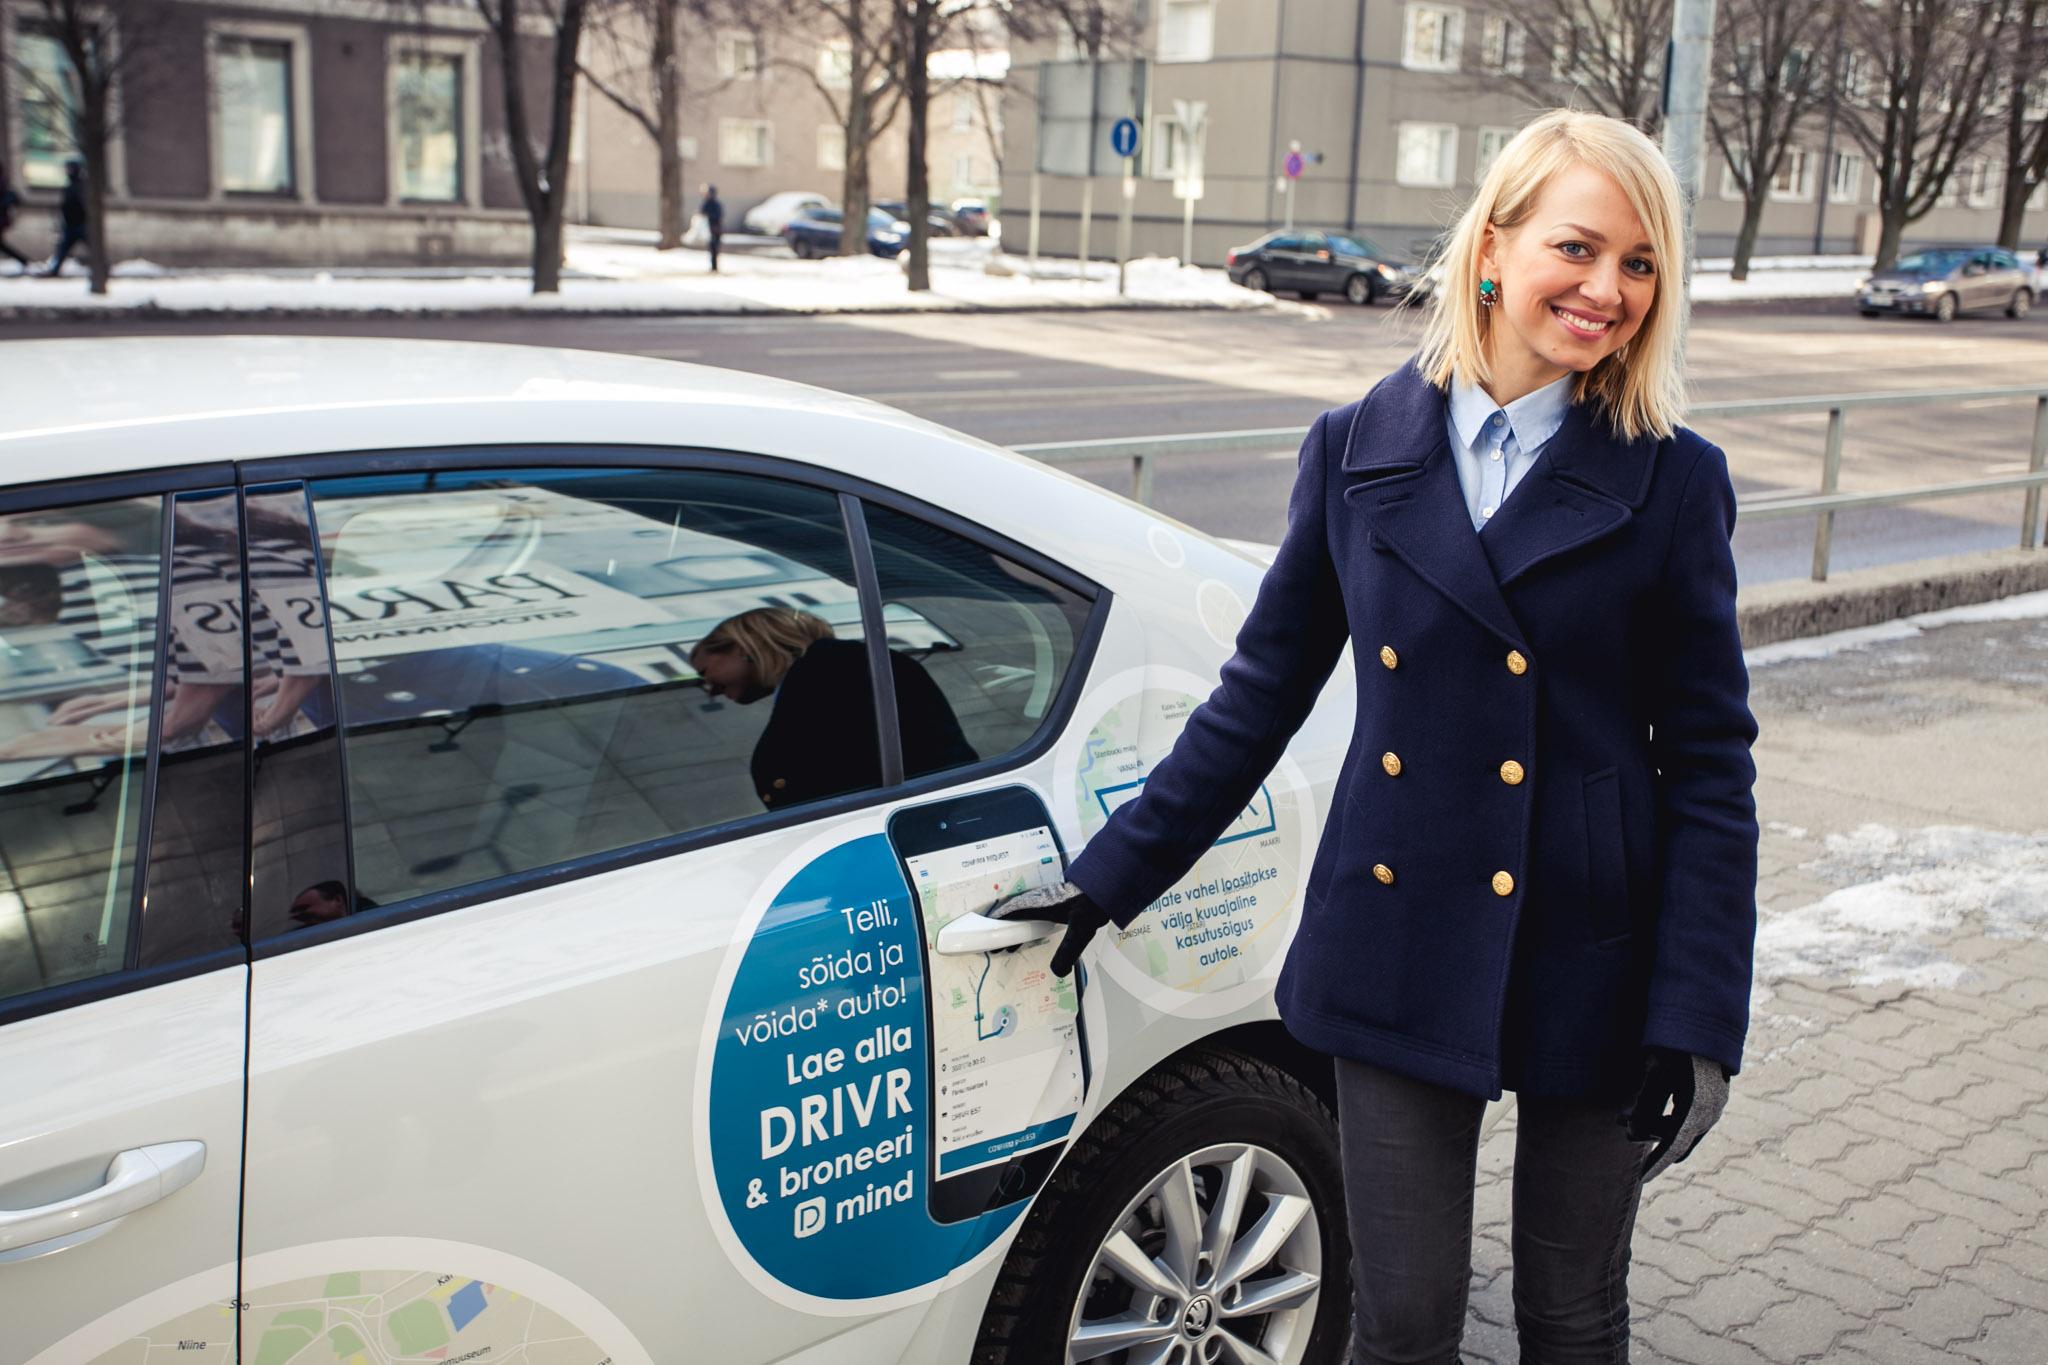 VAATA VIDEOT! Drivr Eesti eeliseks on kellaajalised tellimused kaks päeva ette